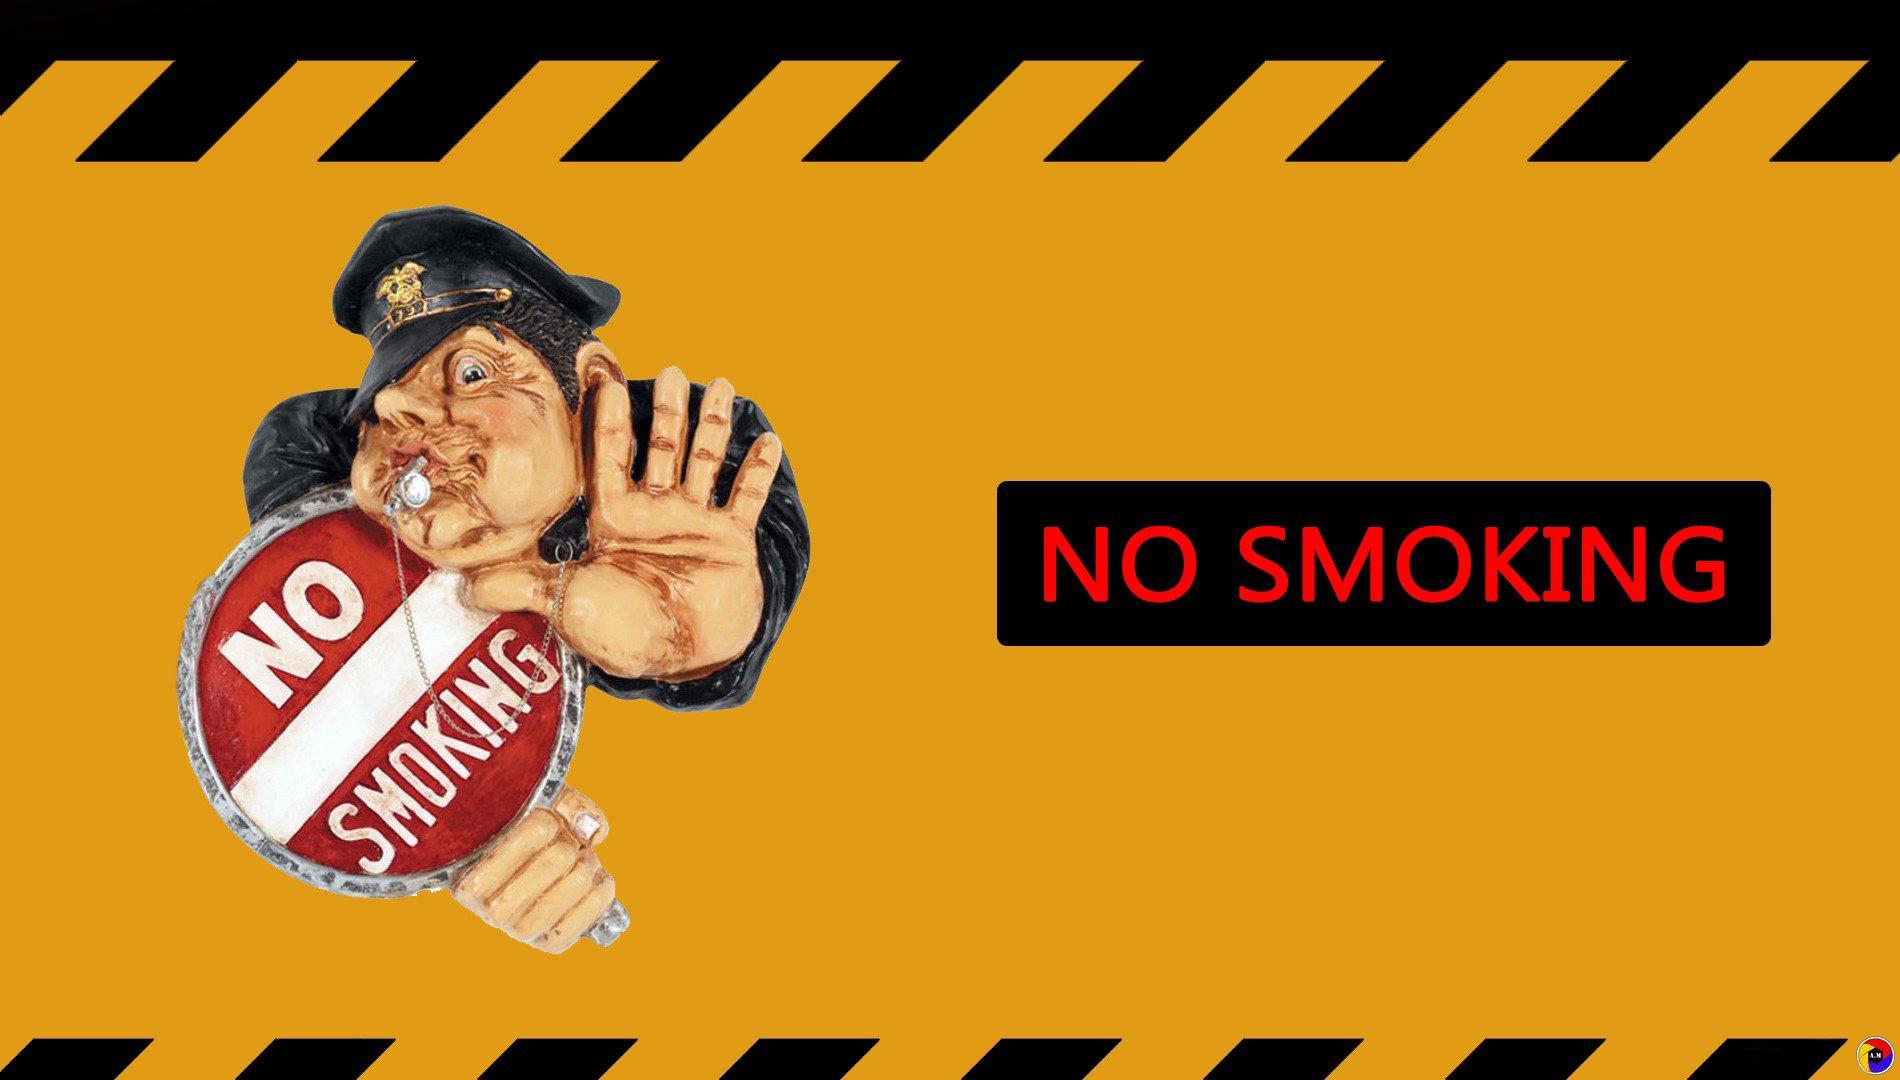 2 No Smoking HD Wallpapers